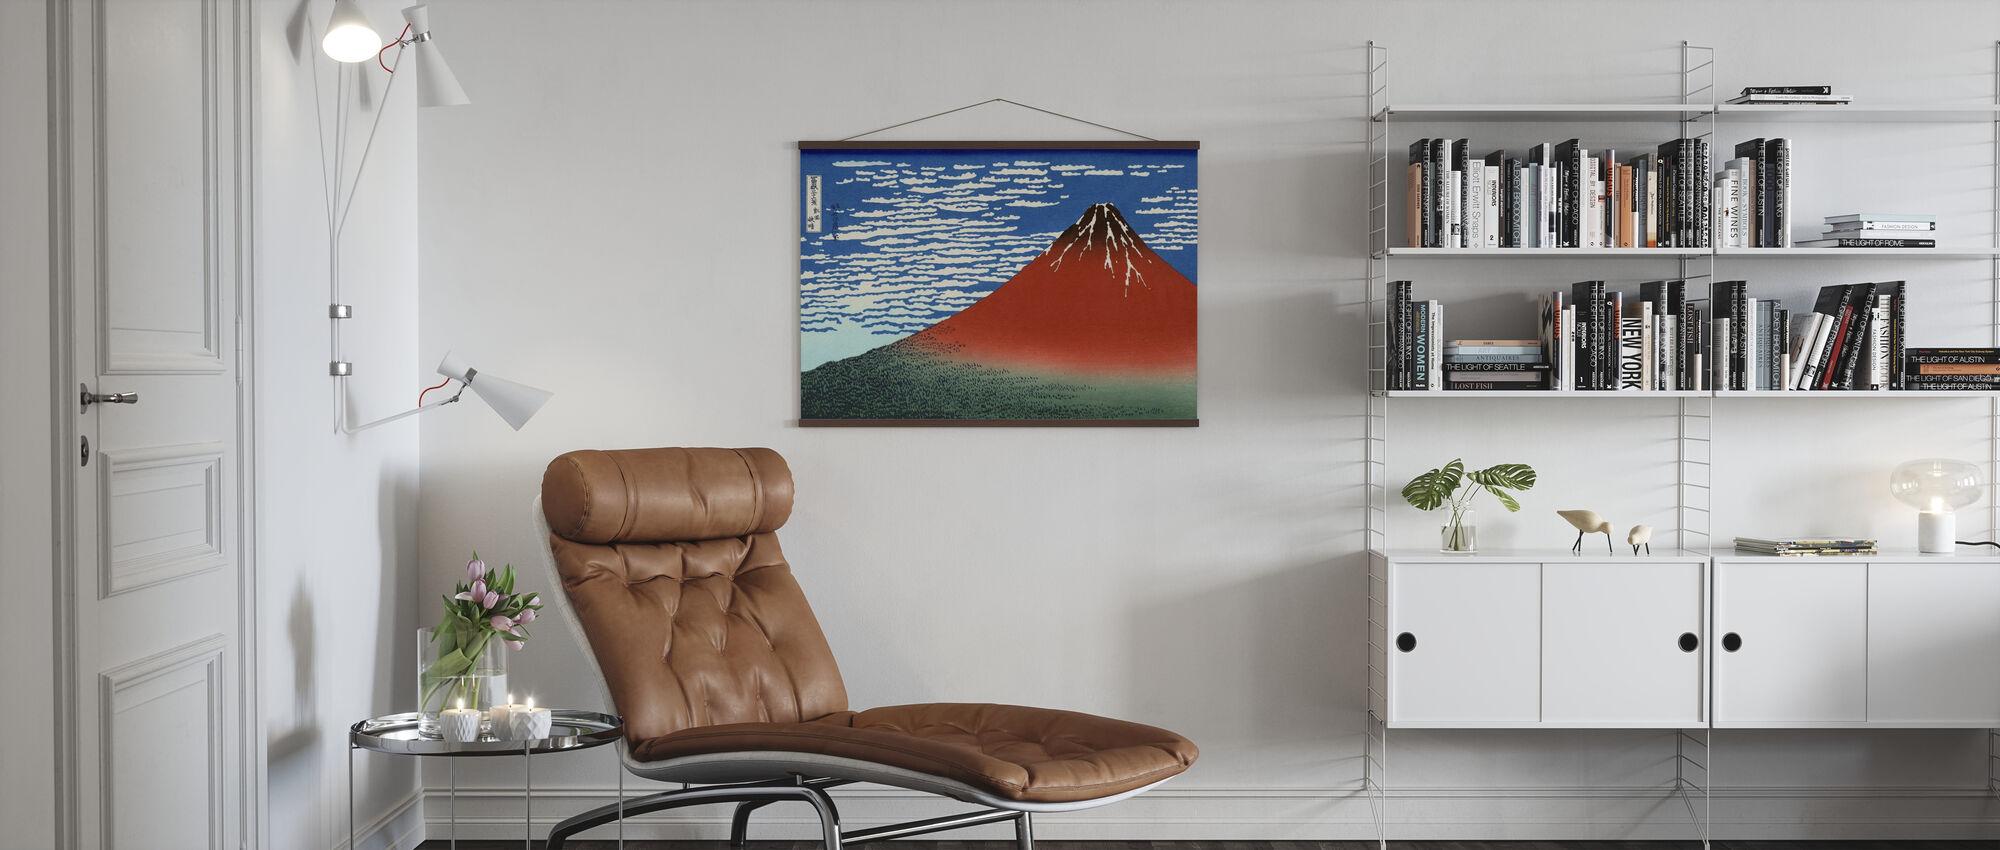 Rosso Fuji, Katsushika Hokusai - Poster - Salotto